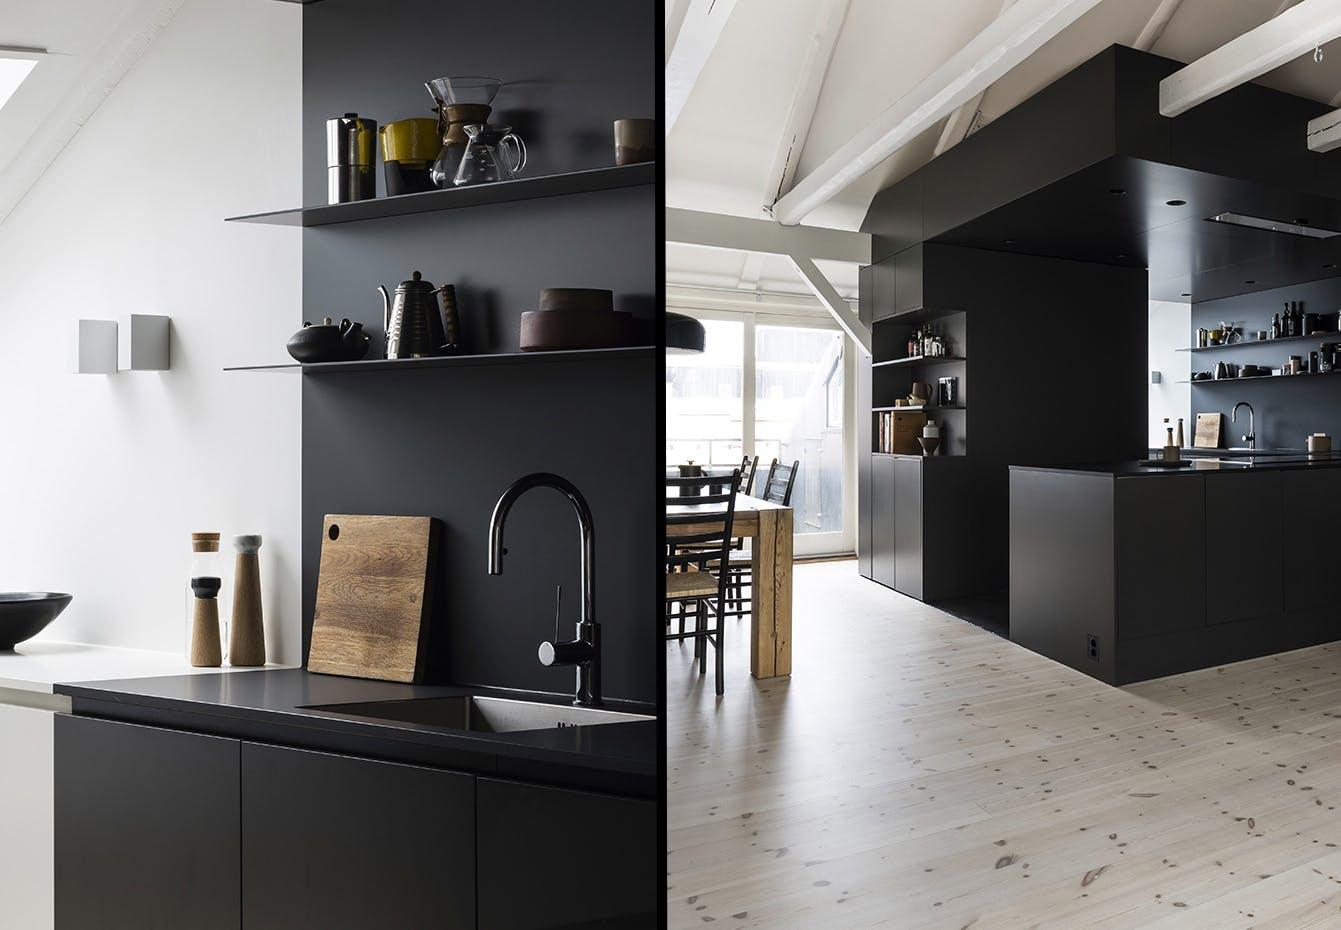 køkken indretning sort moderne nordisk stil